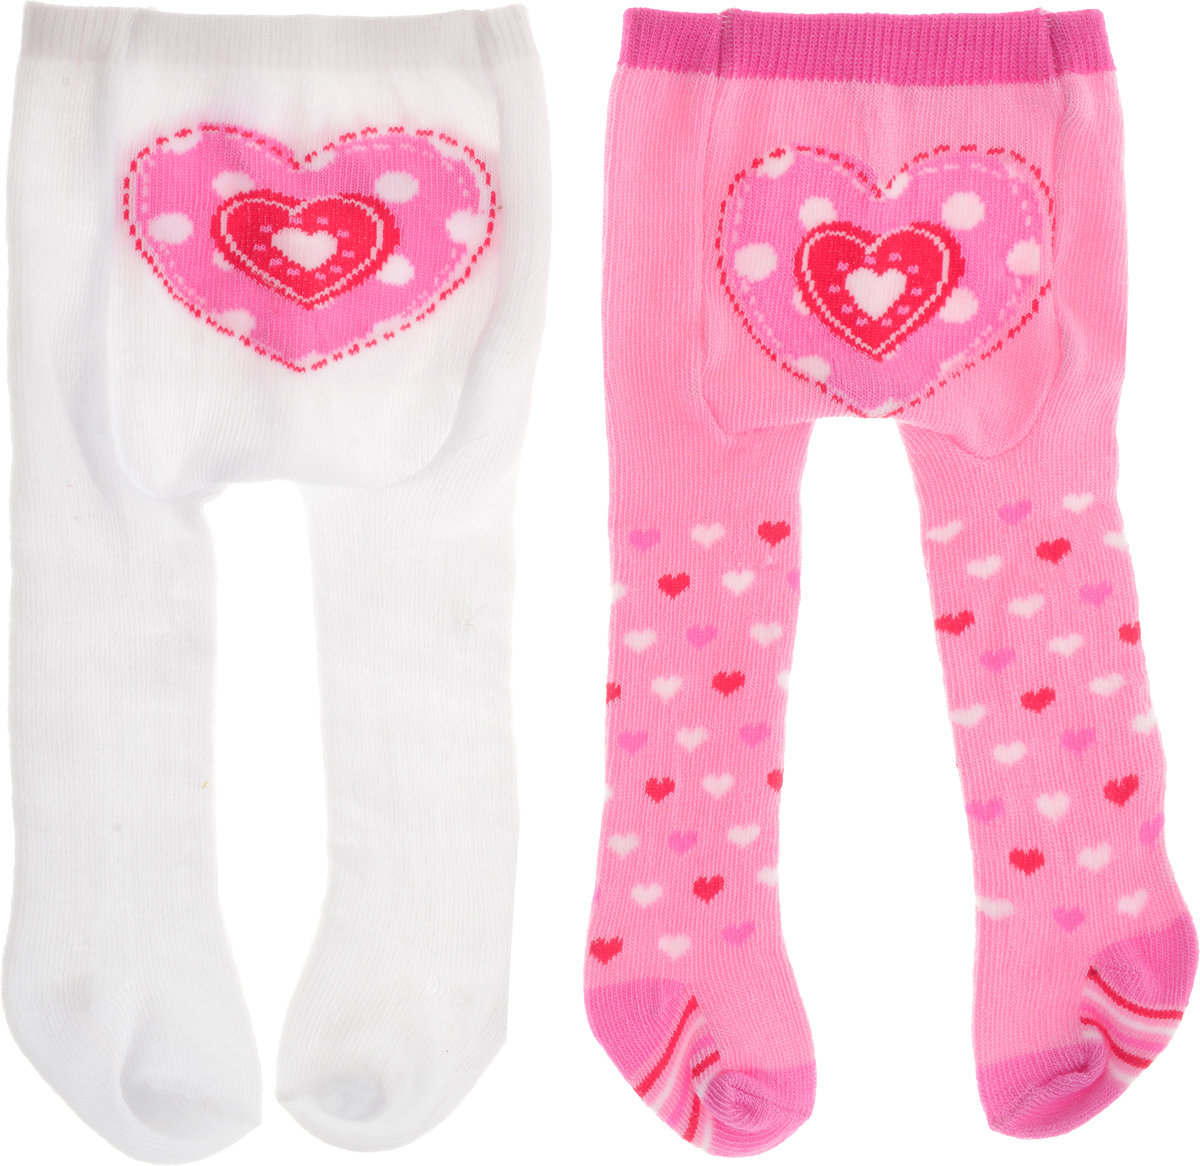 Baby Born Одежда для кукол Колготки цвет белый розовый 2 шт цена